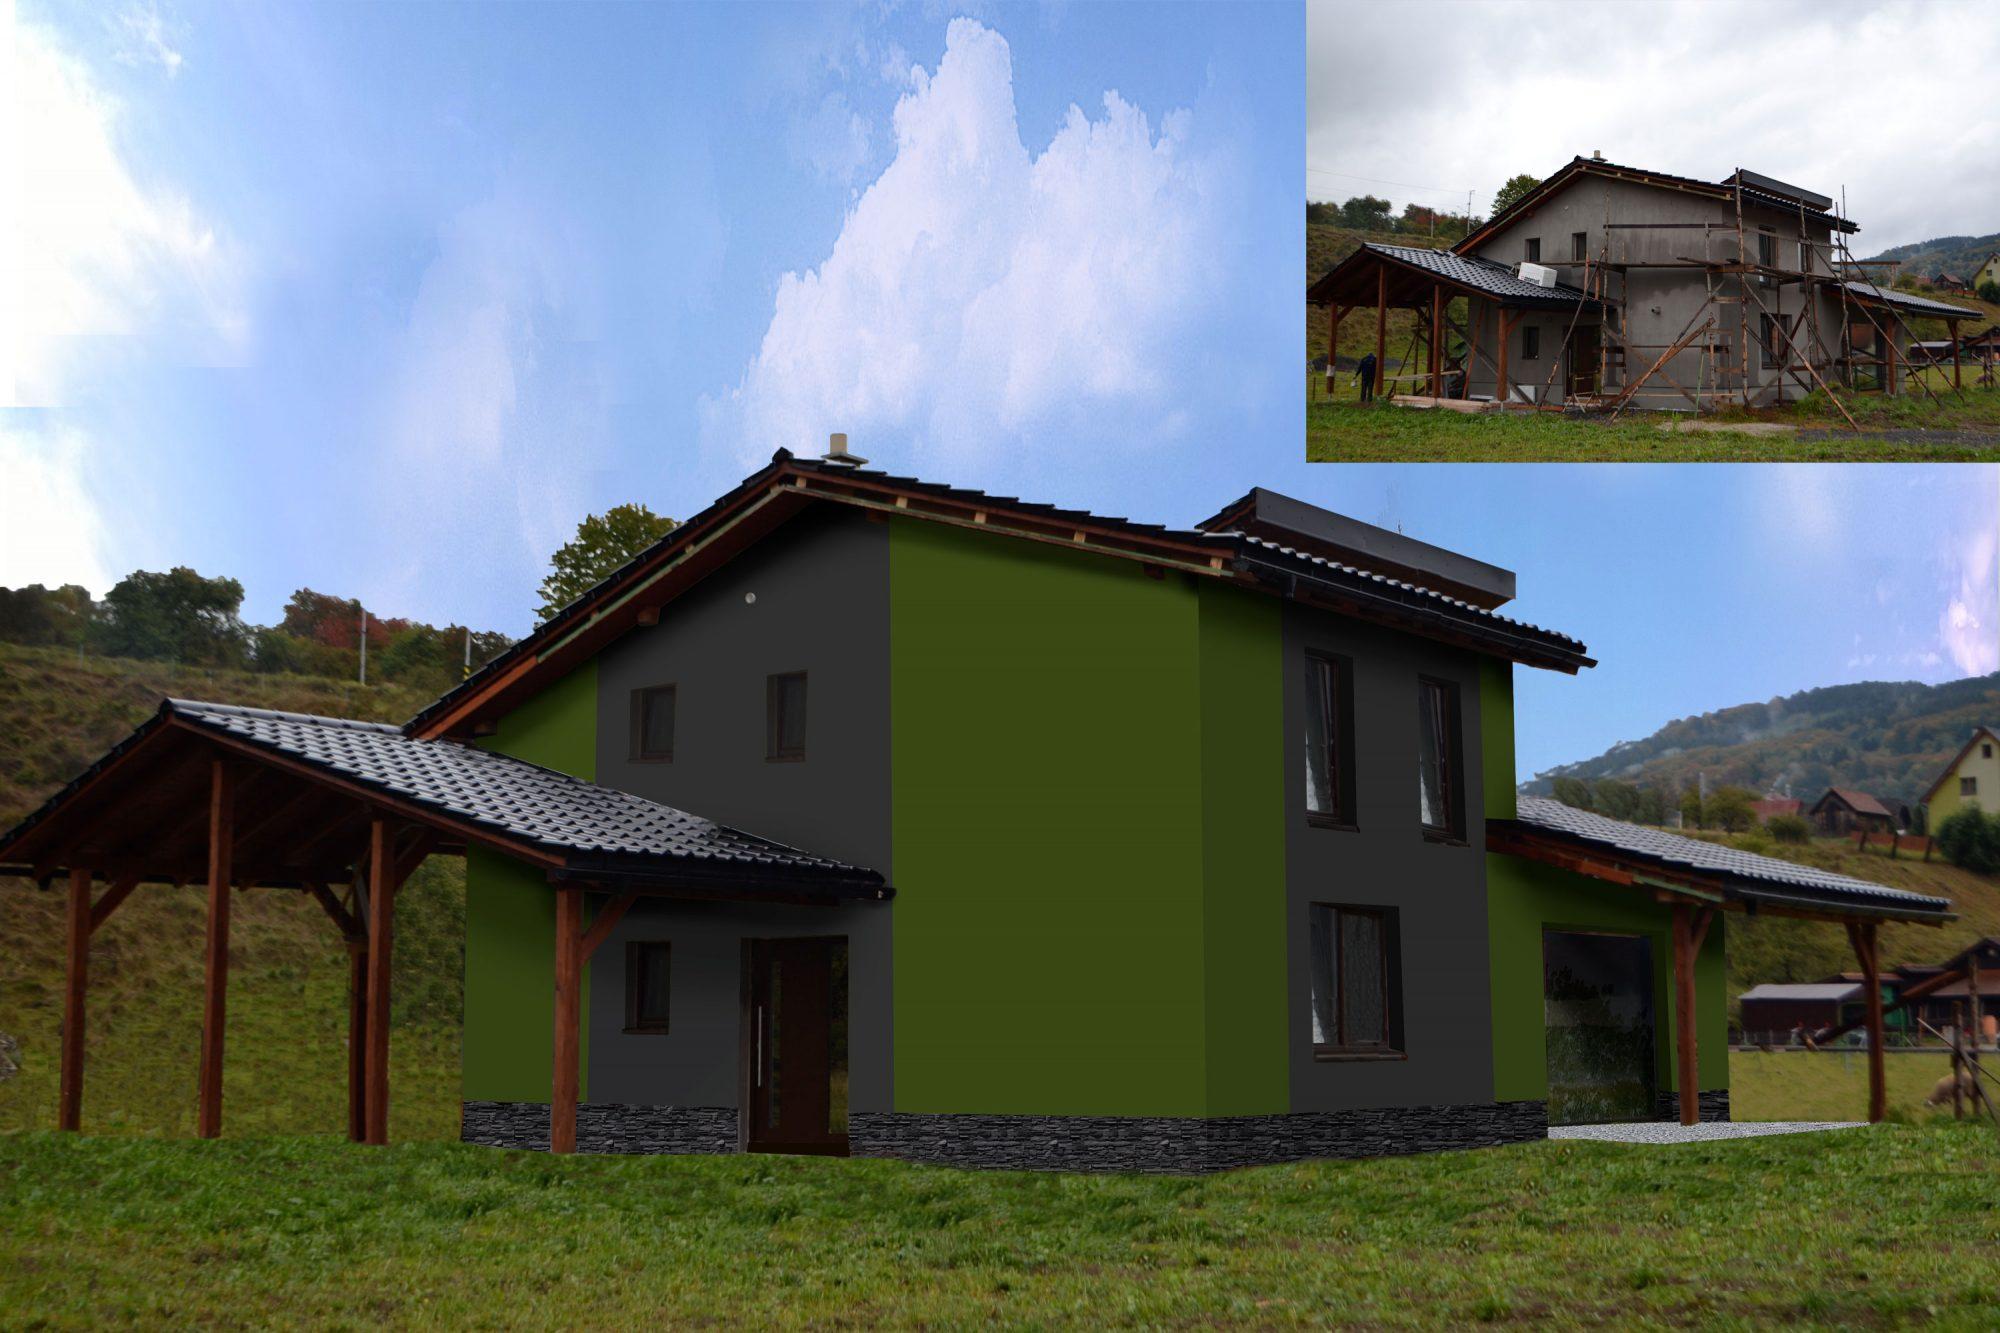 Barevný návrh fasády na rodinném domě